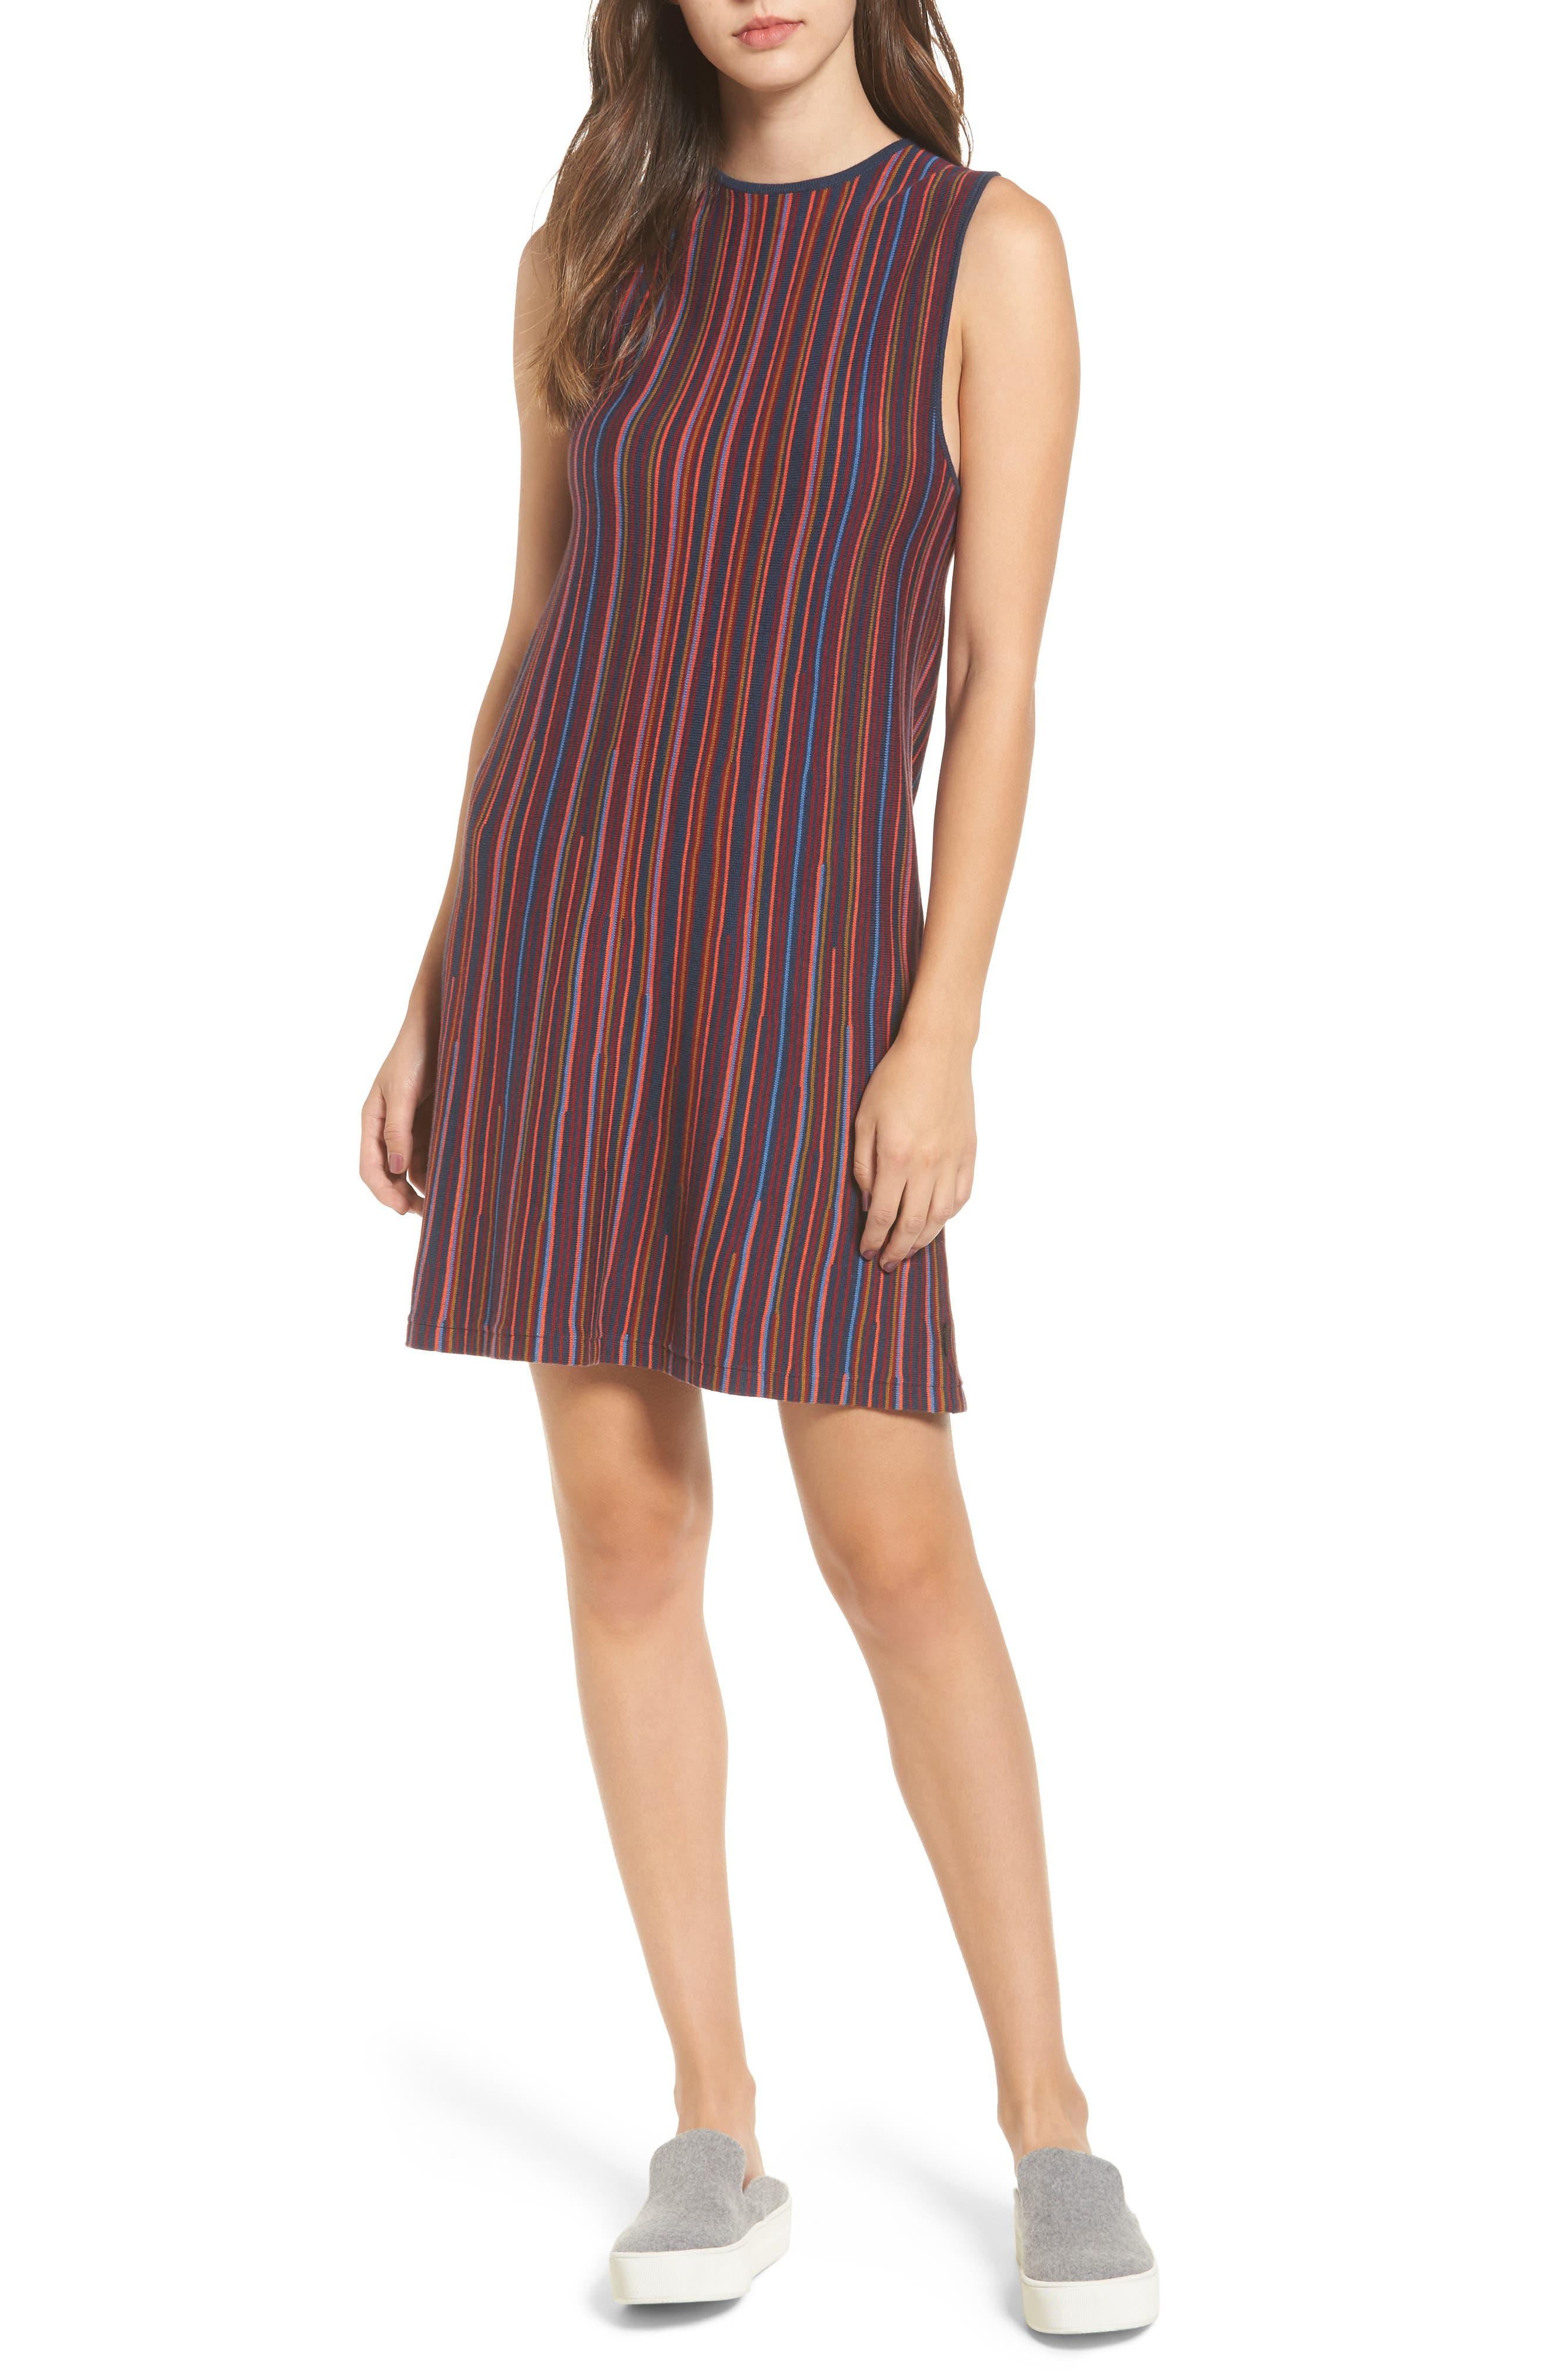 RVCA Foolish Stripe Knit Dress